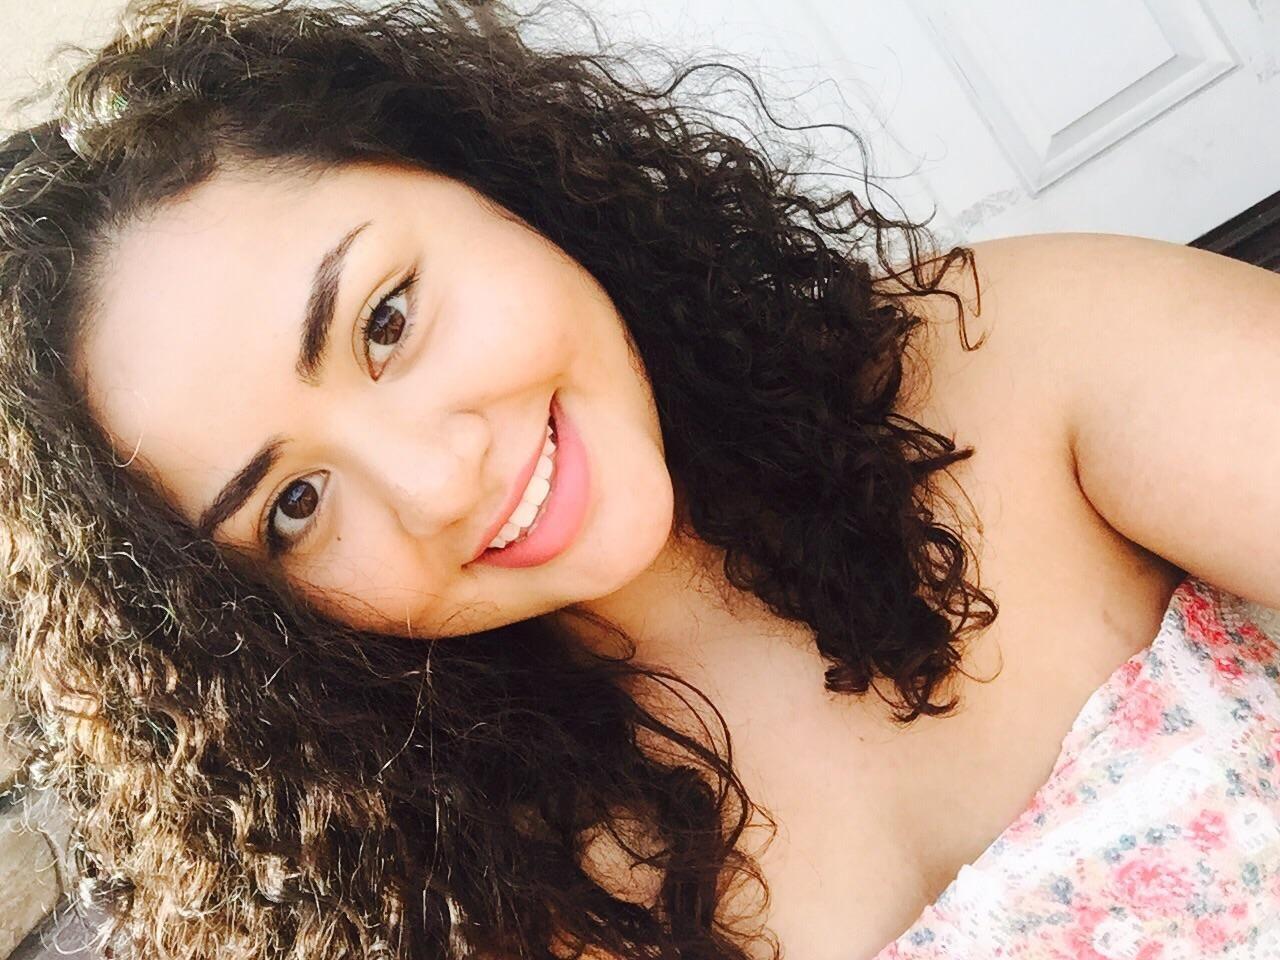 Heiße halbmexikanische Mädchen schöne nackte Mädchen